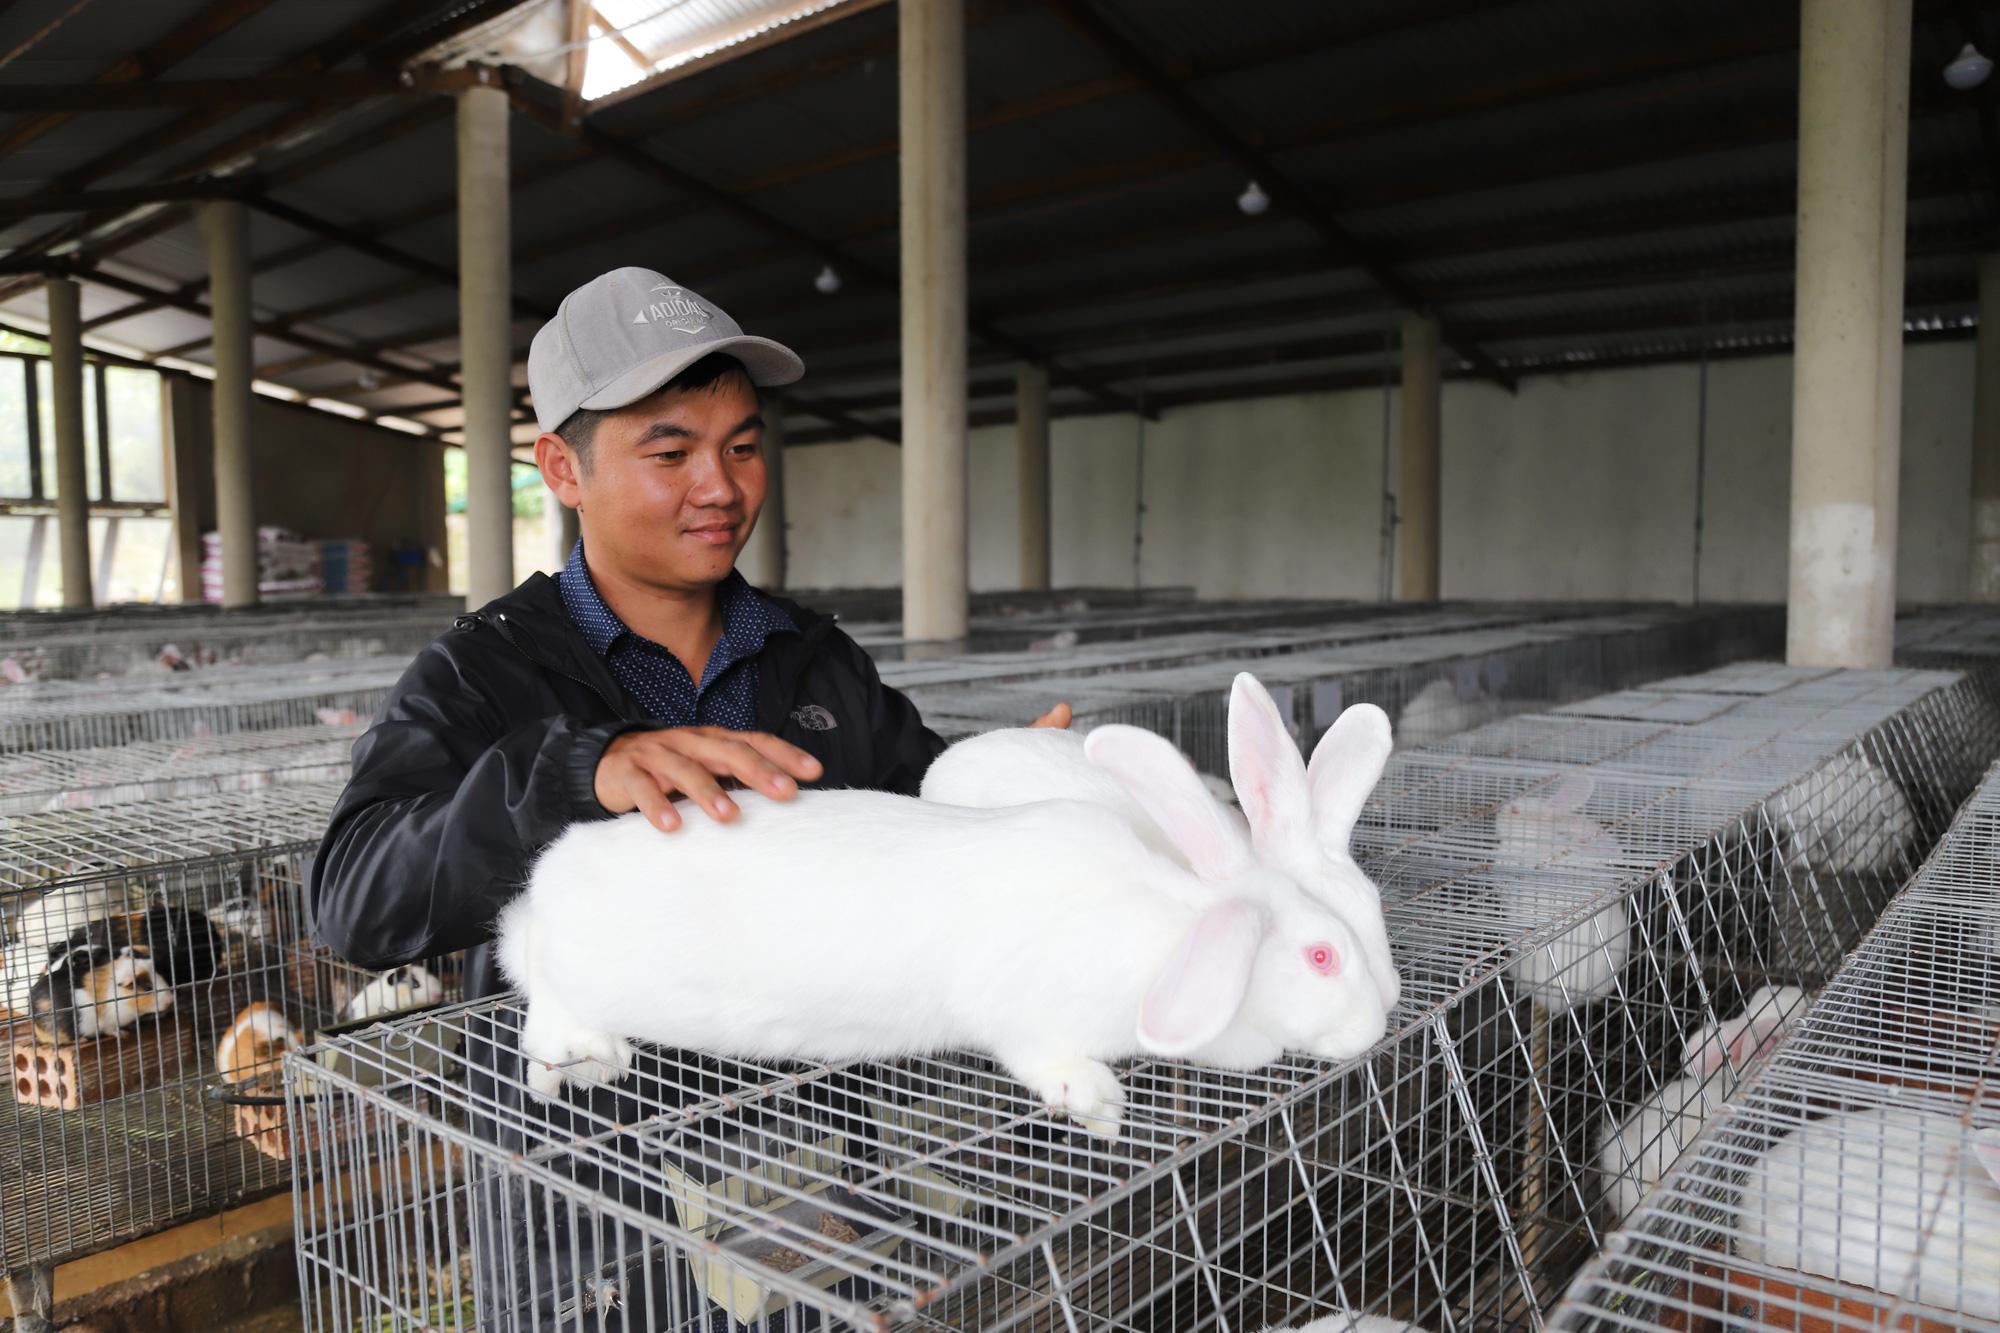 9X bỏ lương 40 triệu đồng, nuôi thỏ Newzealand thu nhập hơn 1 tỷ đồng/năm - Ảnh 2.